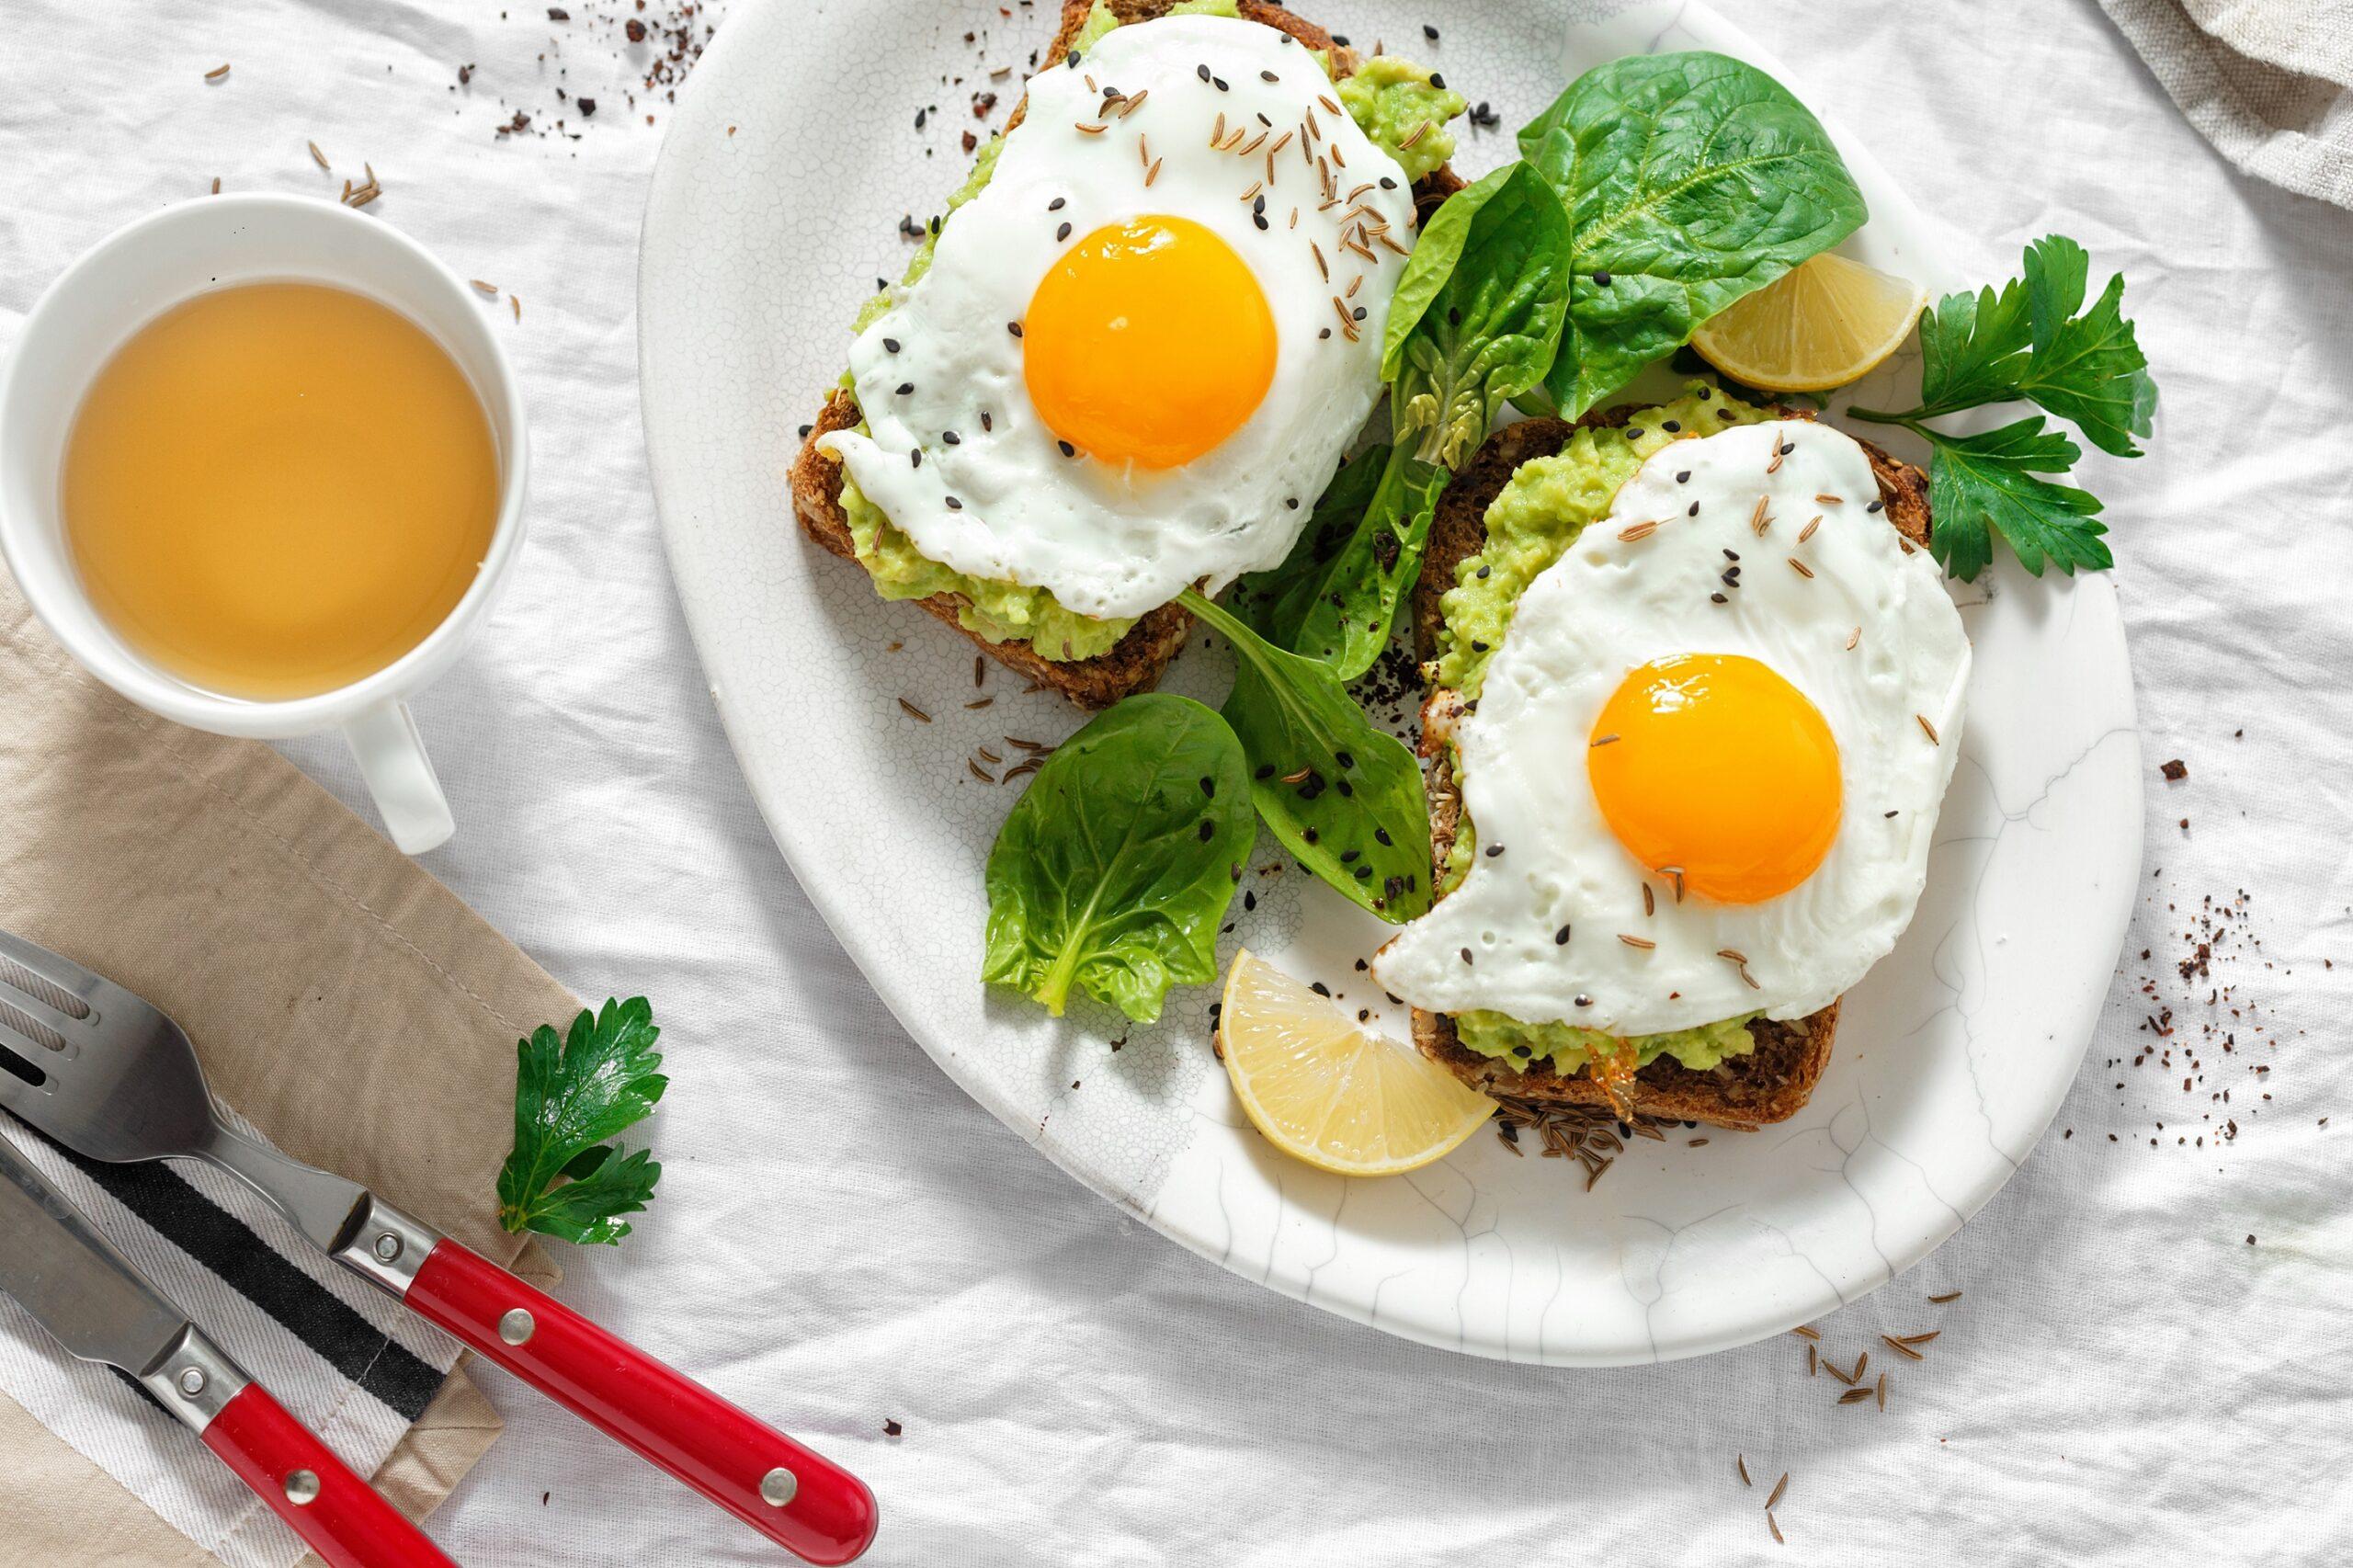 ern-hrung-keine-gefahr-durch-cholesterin-in-lebensmitteln